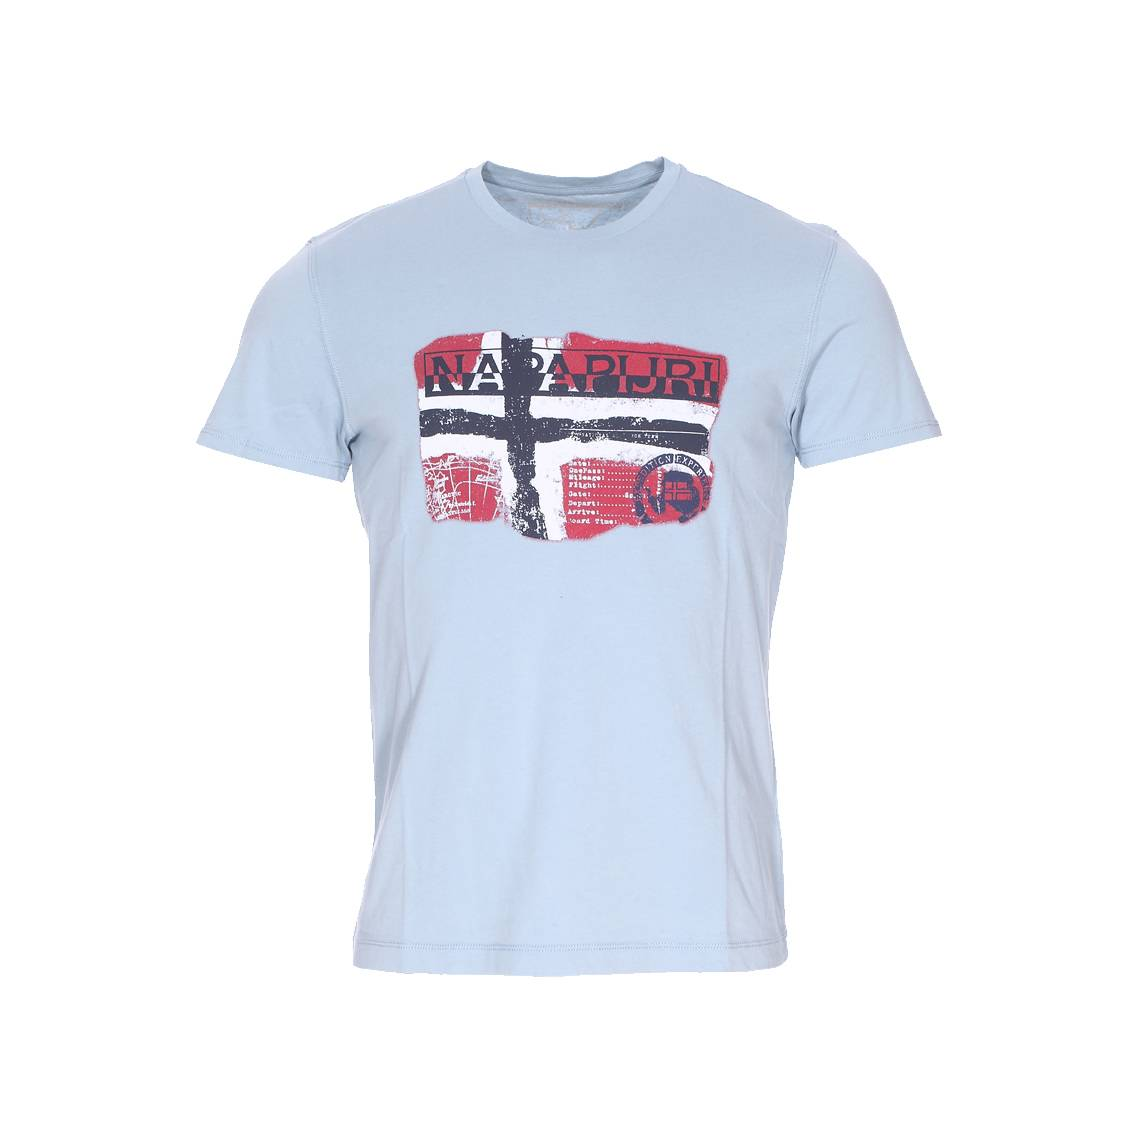 tee shirt homme napapijri jusqu 50 soldes deuxi me d marque. Black Bedroom Furniture Sets. Home Design Ideas